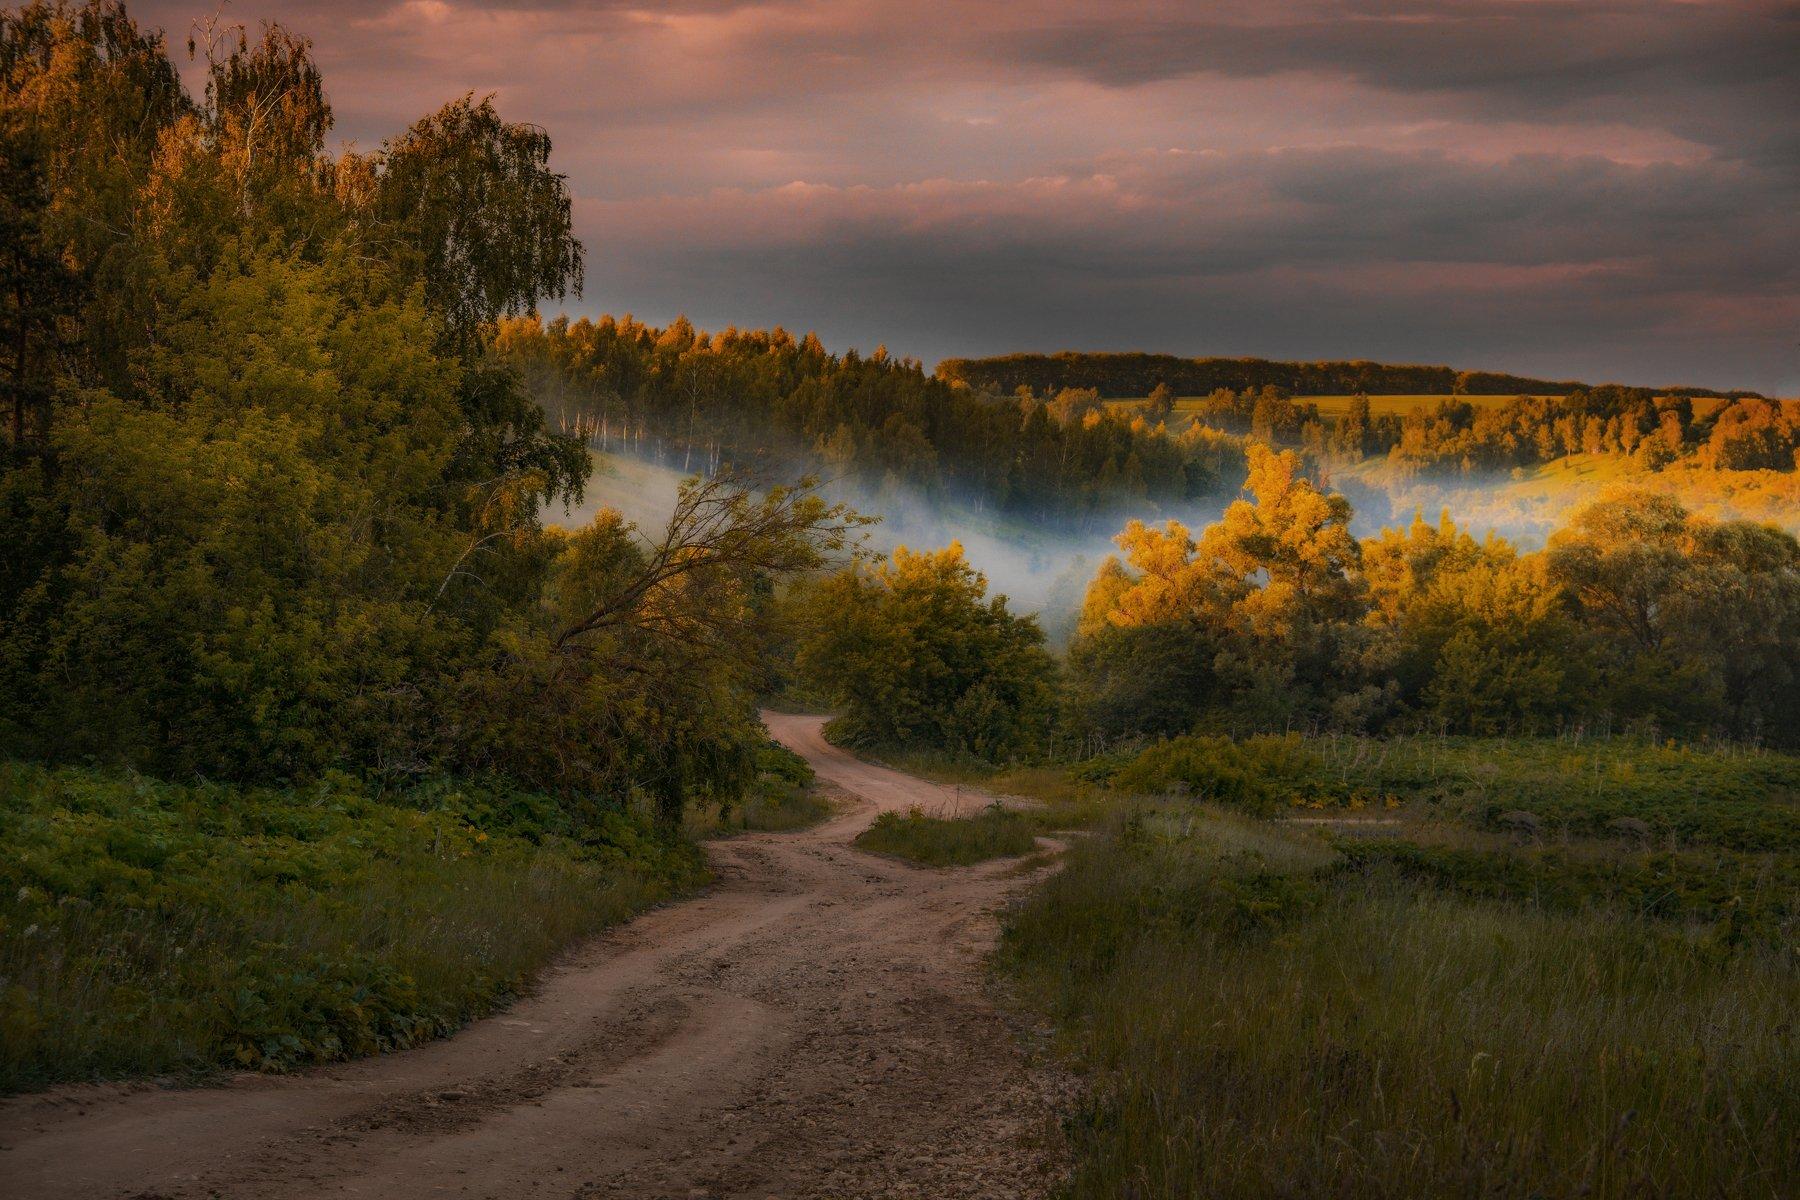 закат, туман, лес, дорога, Екатерина